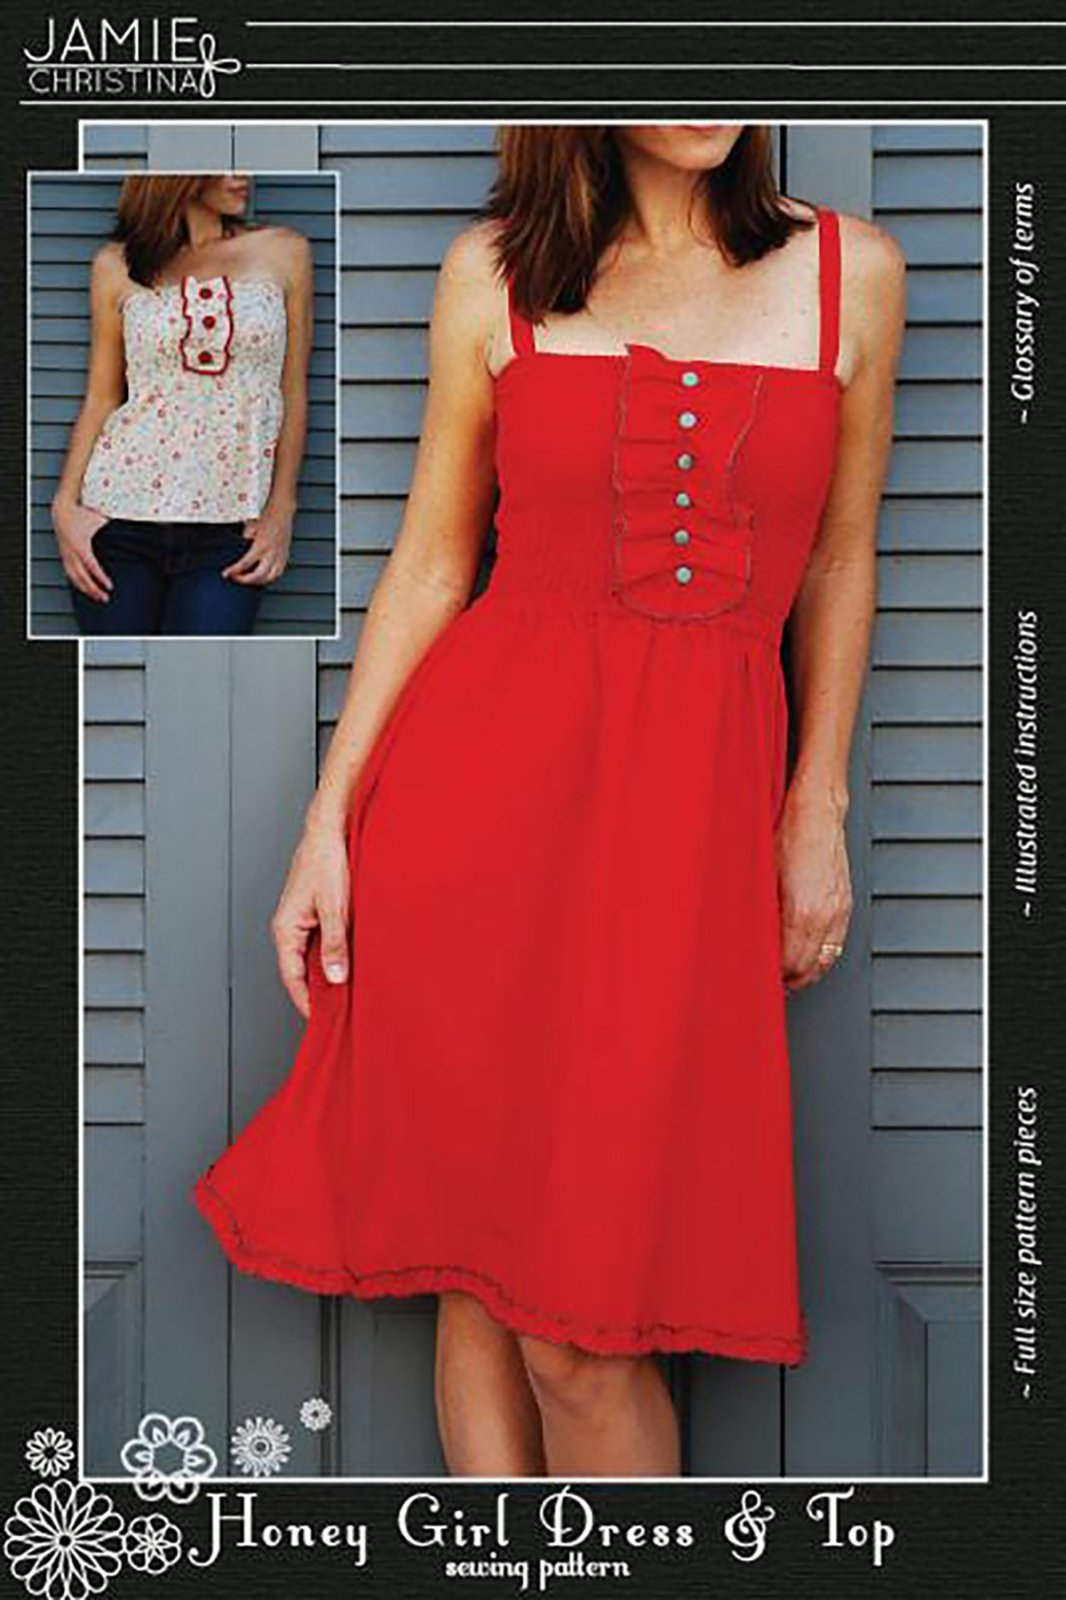 Honey Girl Dress